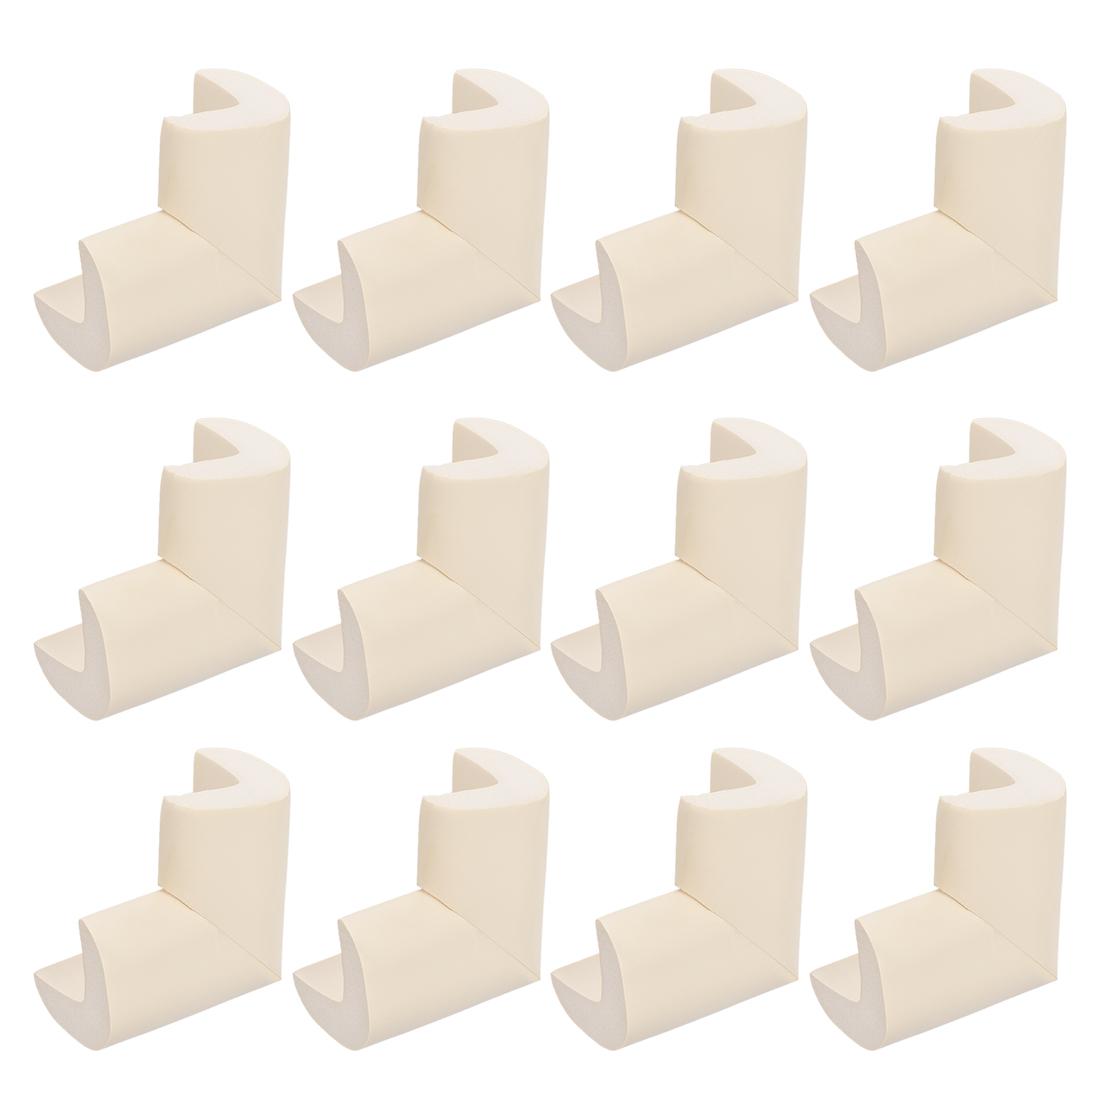 Corners Table Edge Guard Angle Corner Protective Pad 50 x 35 x 15mm Beige 12pcs